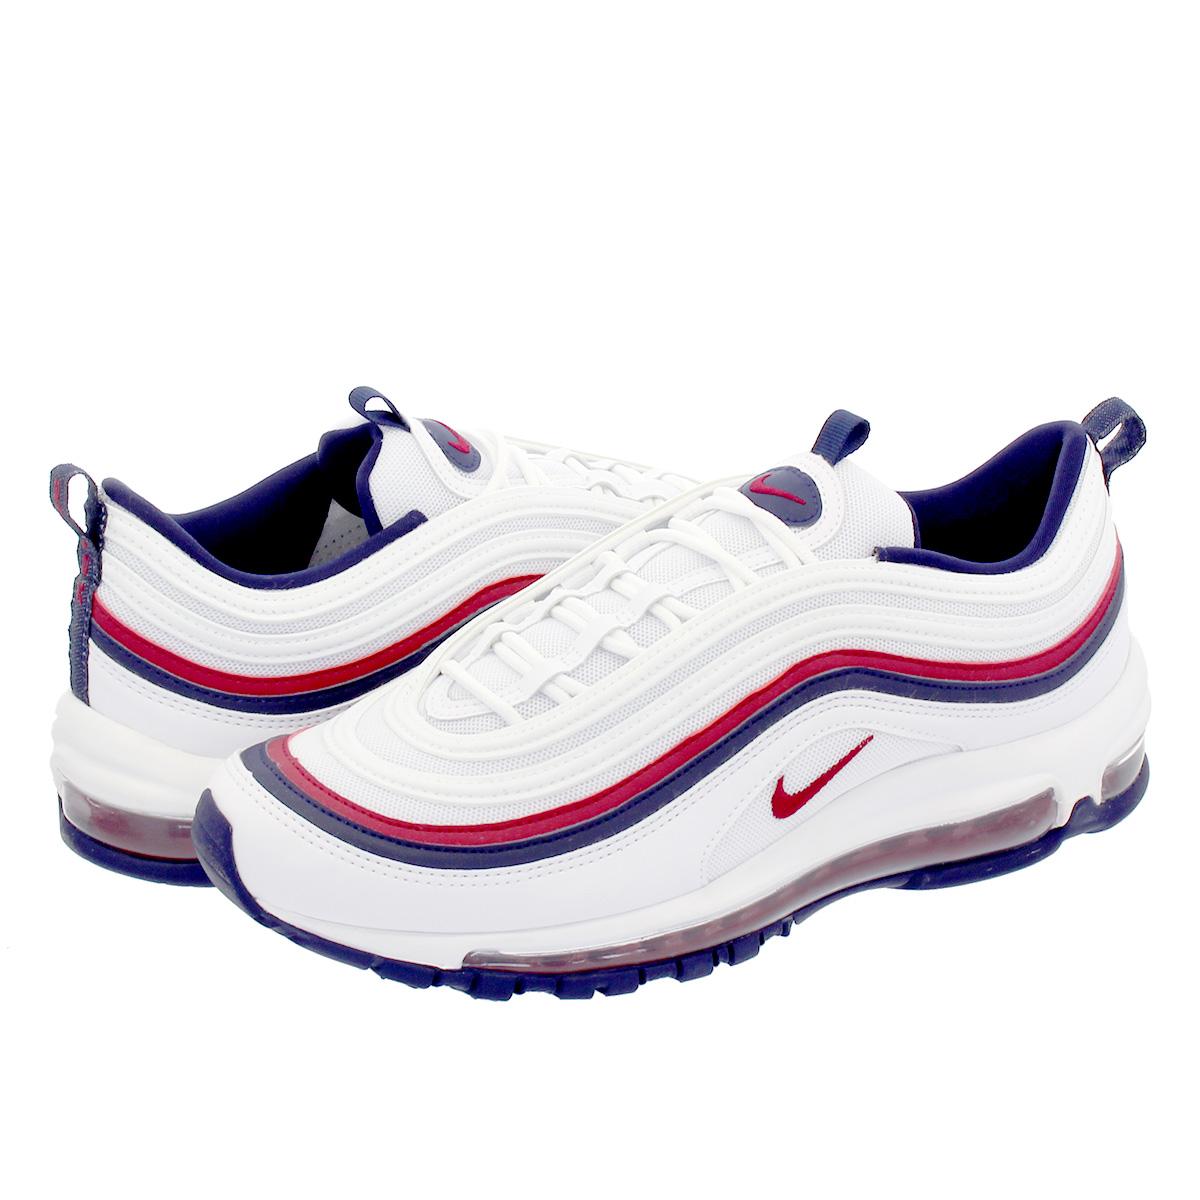 1ac8ac75b0 SELECT SHOP LOWTEX: NIKE WMNS AIR MAX 97 Nike women Air Max 97 WHITE ...